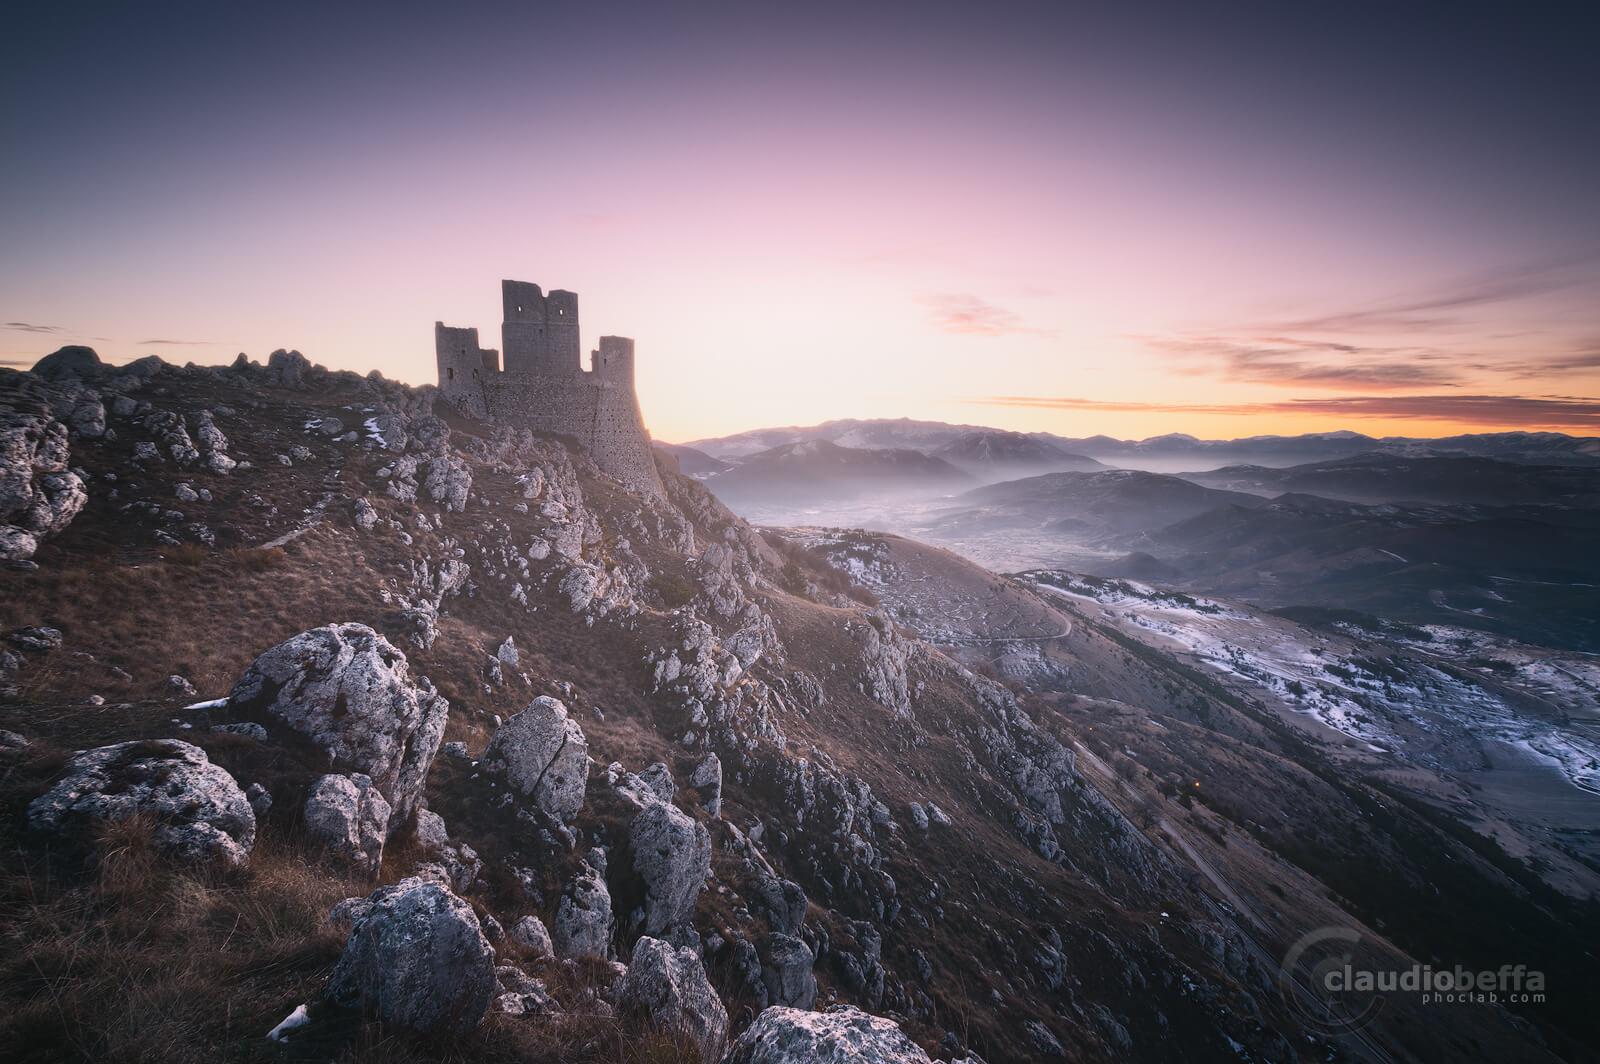 Kings fortress, Rocca Calascio, Calascio, Abruzzo, italy, landscape, mountains, apennines, winter, snow, sunrise